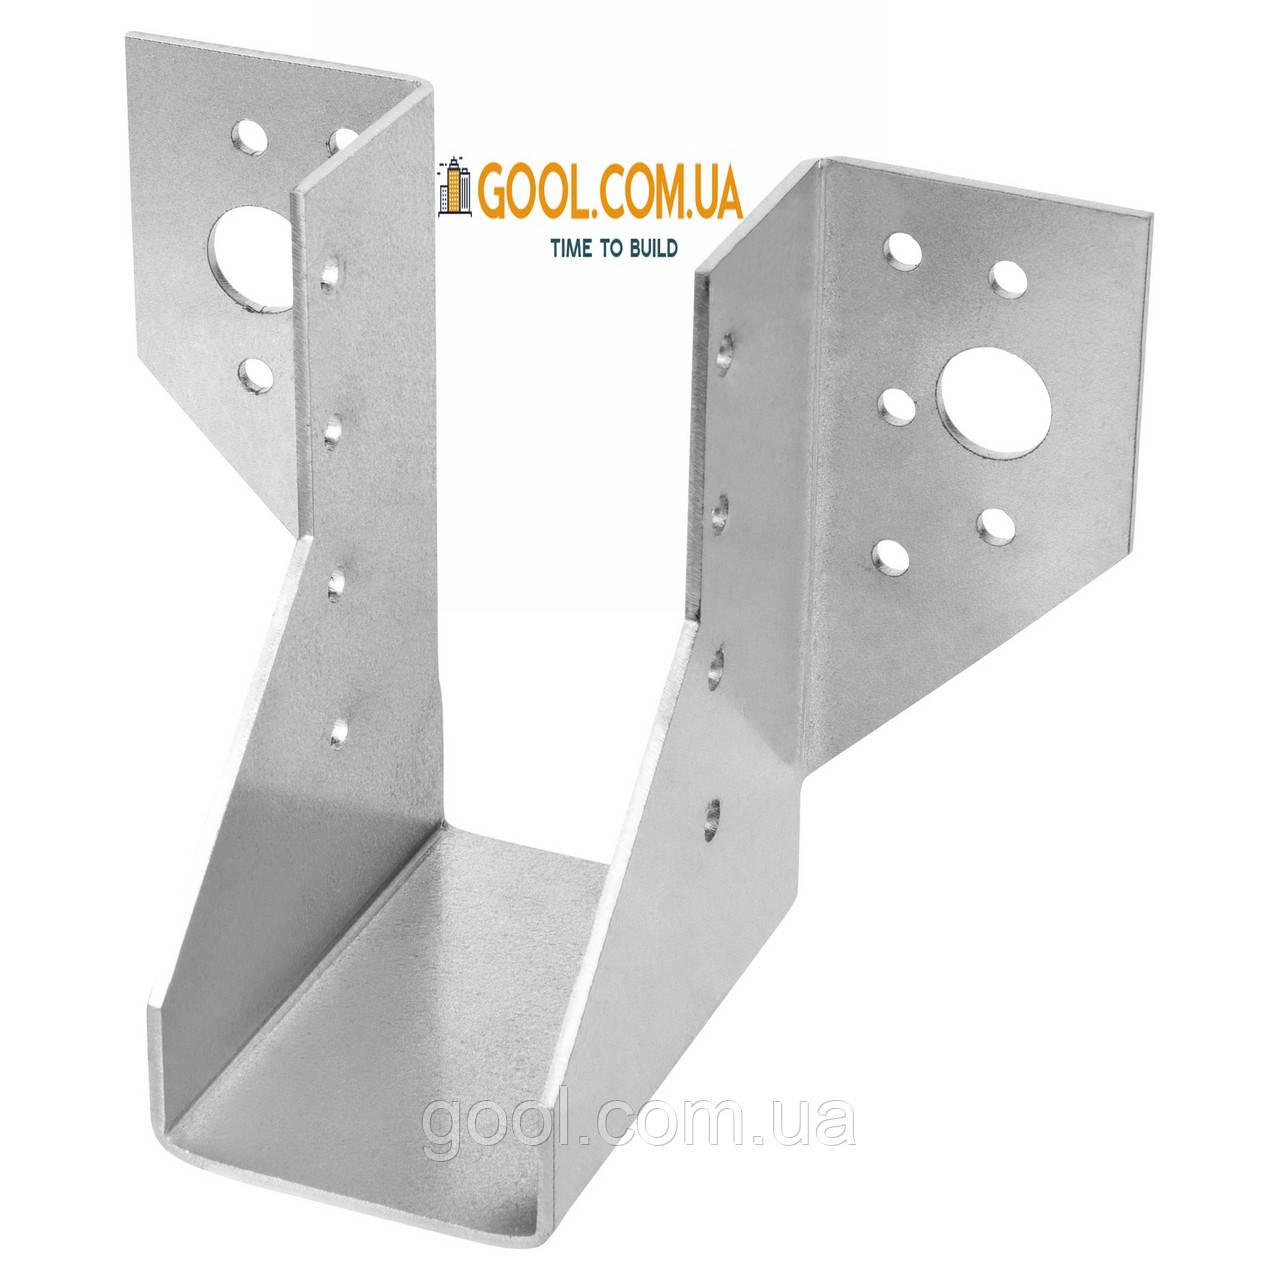 Держатель балки 76х123мм опора для бруса перфорированный металлический оцинкованный упаковка 30 штук